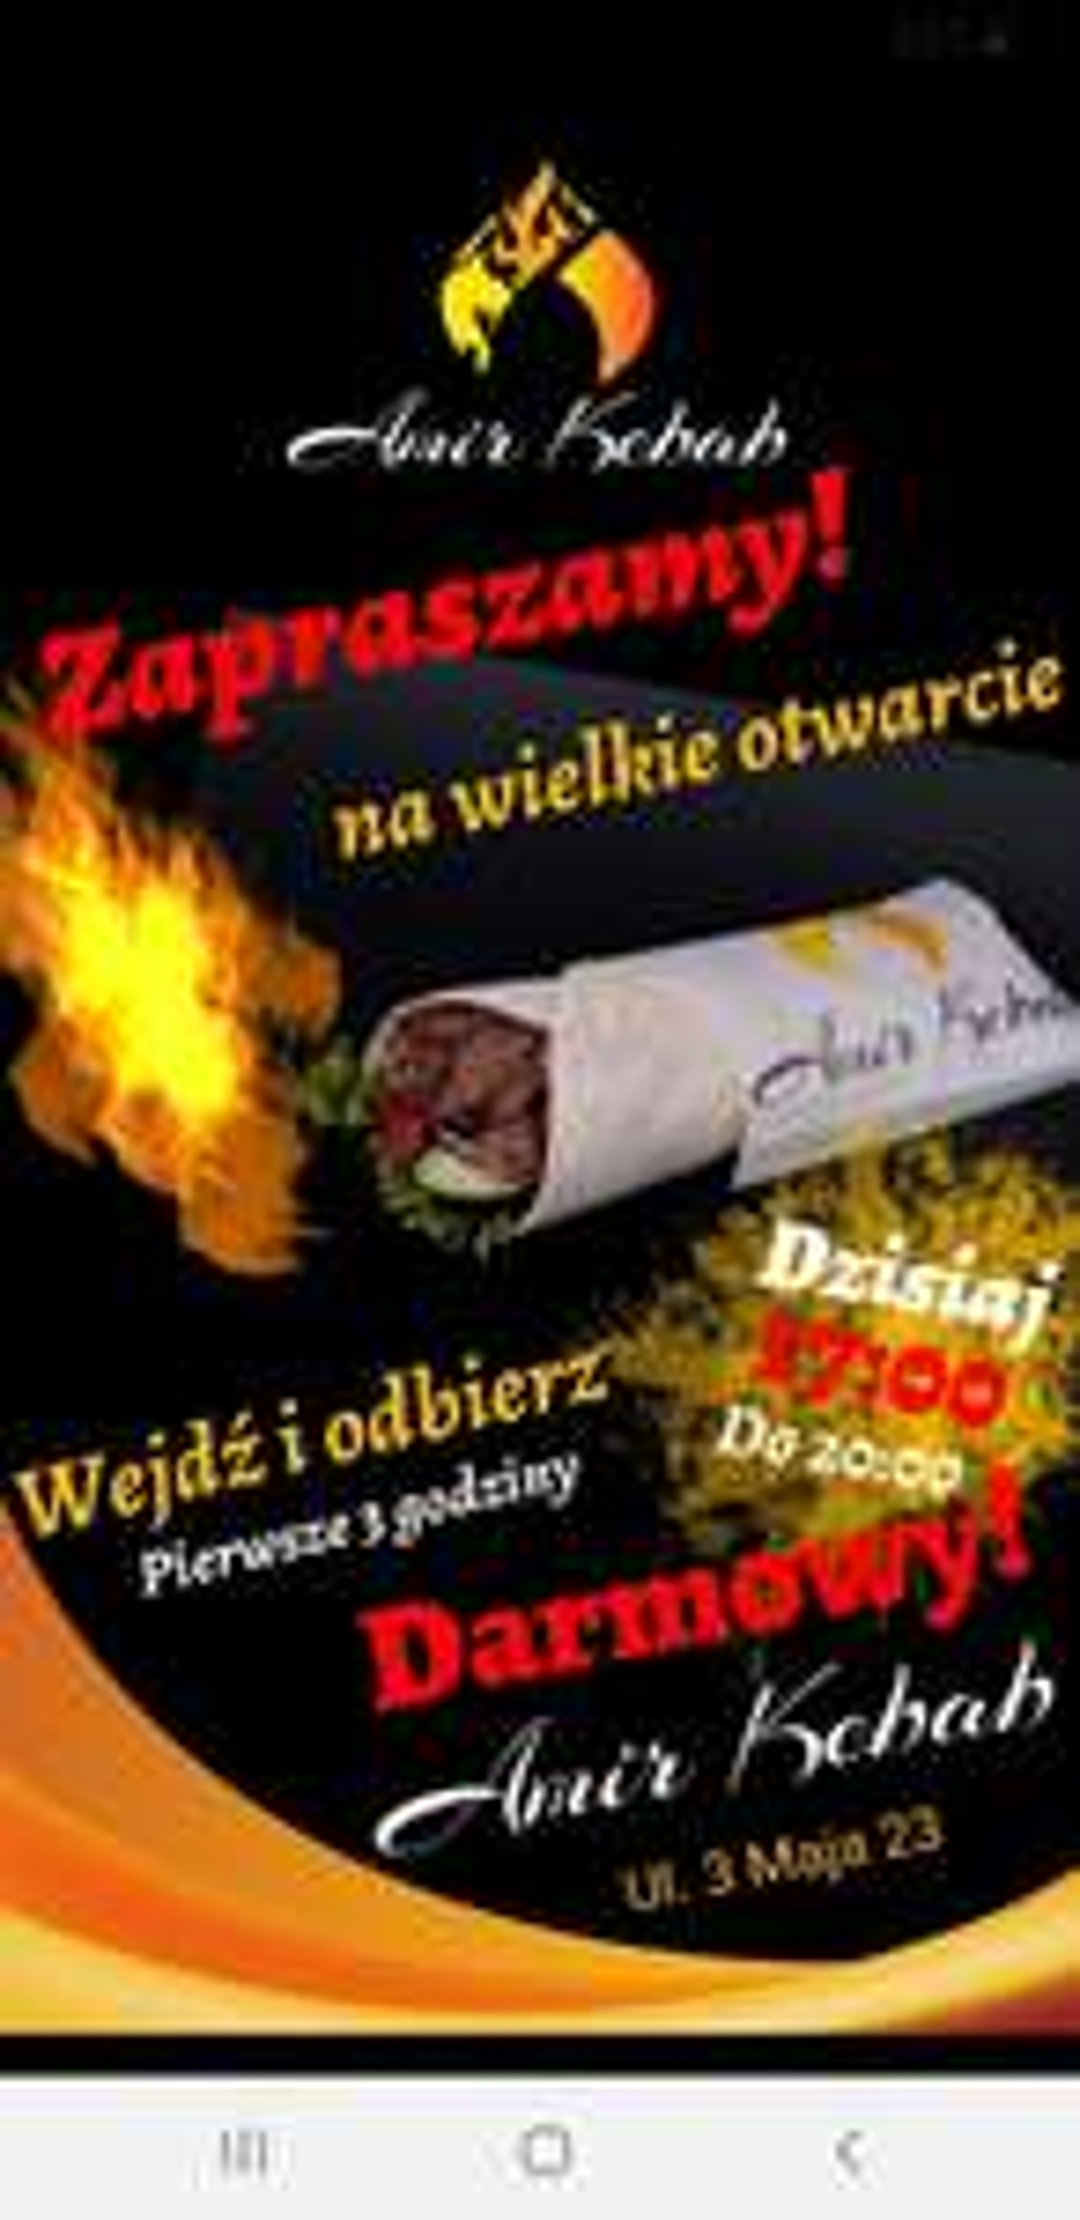 Darmowy kebab przez 3 godziny w Katowicach